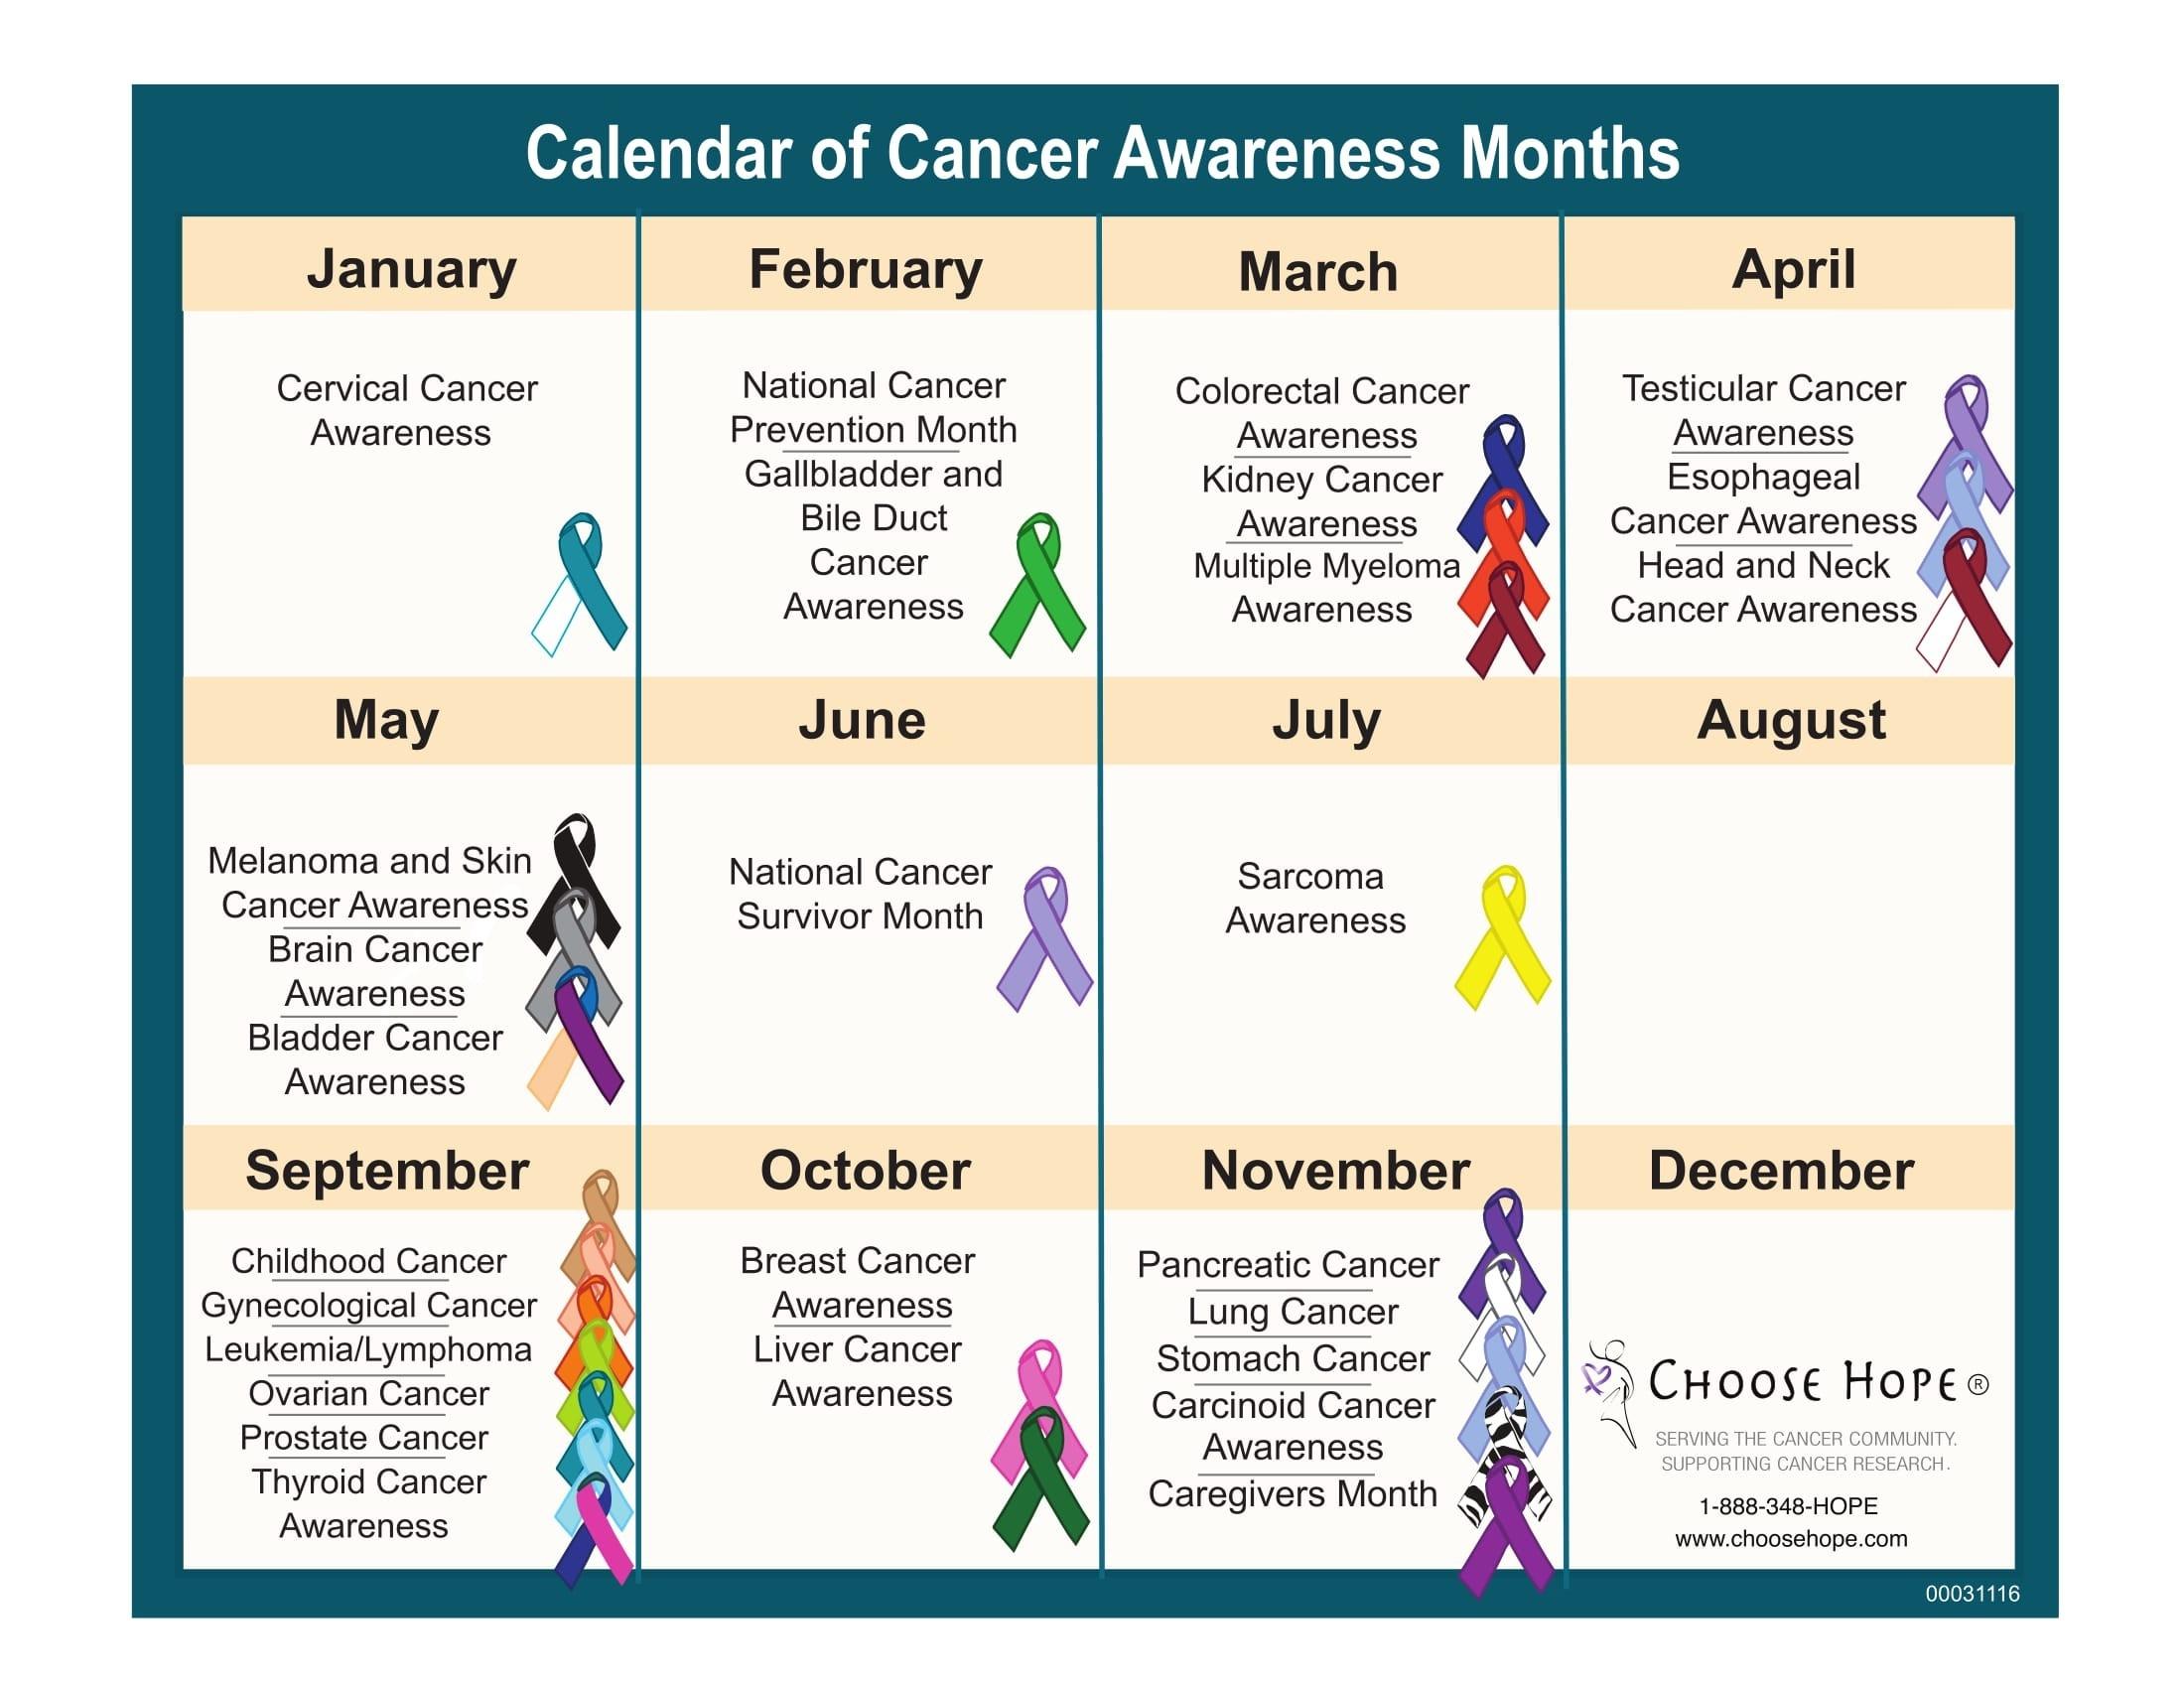 Calendar Of Cancer Awareness Months-1 - Neighbors Magazine-August Monthly Awareness Calendar